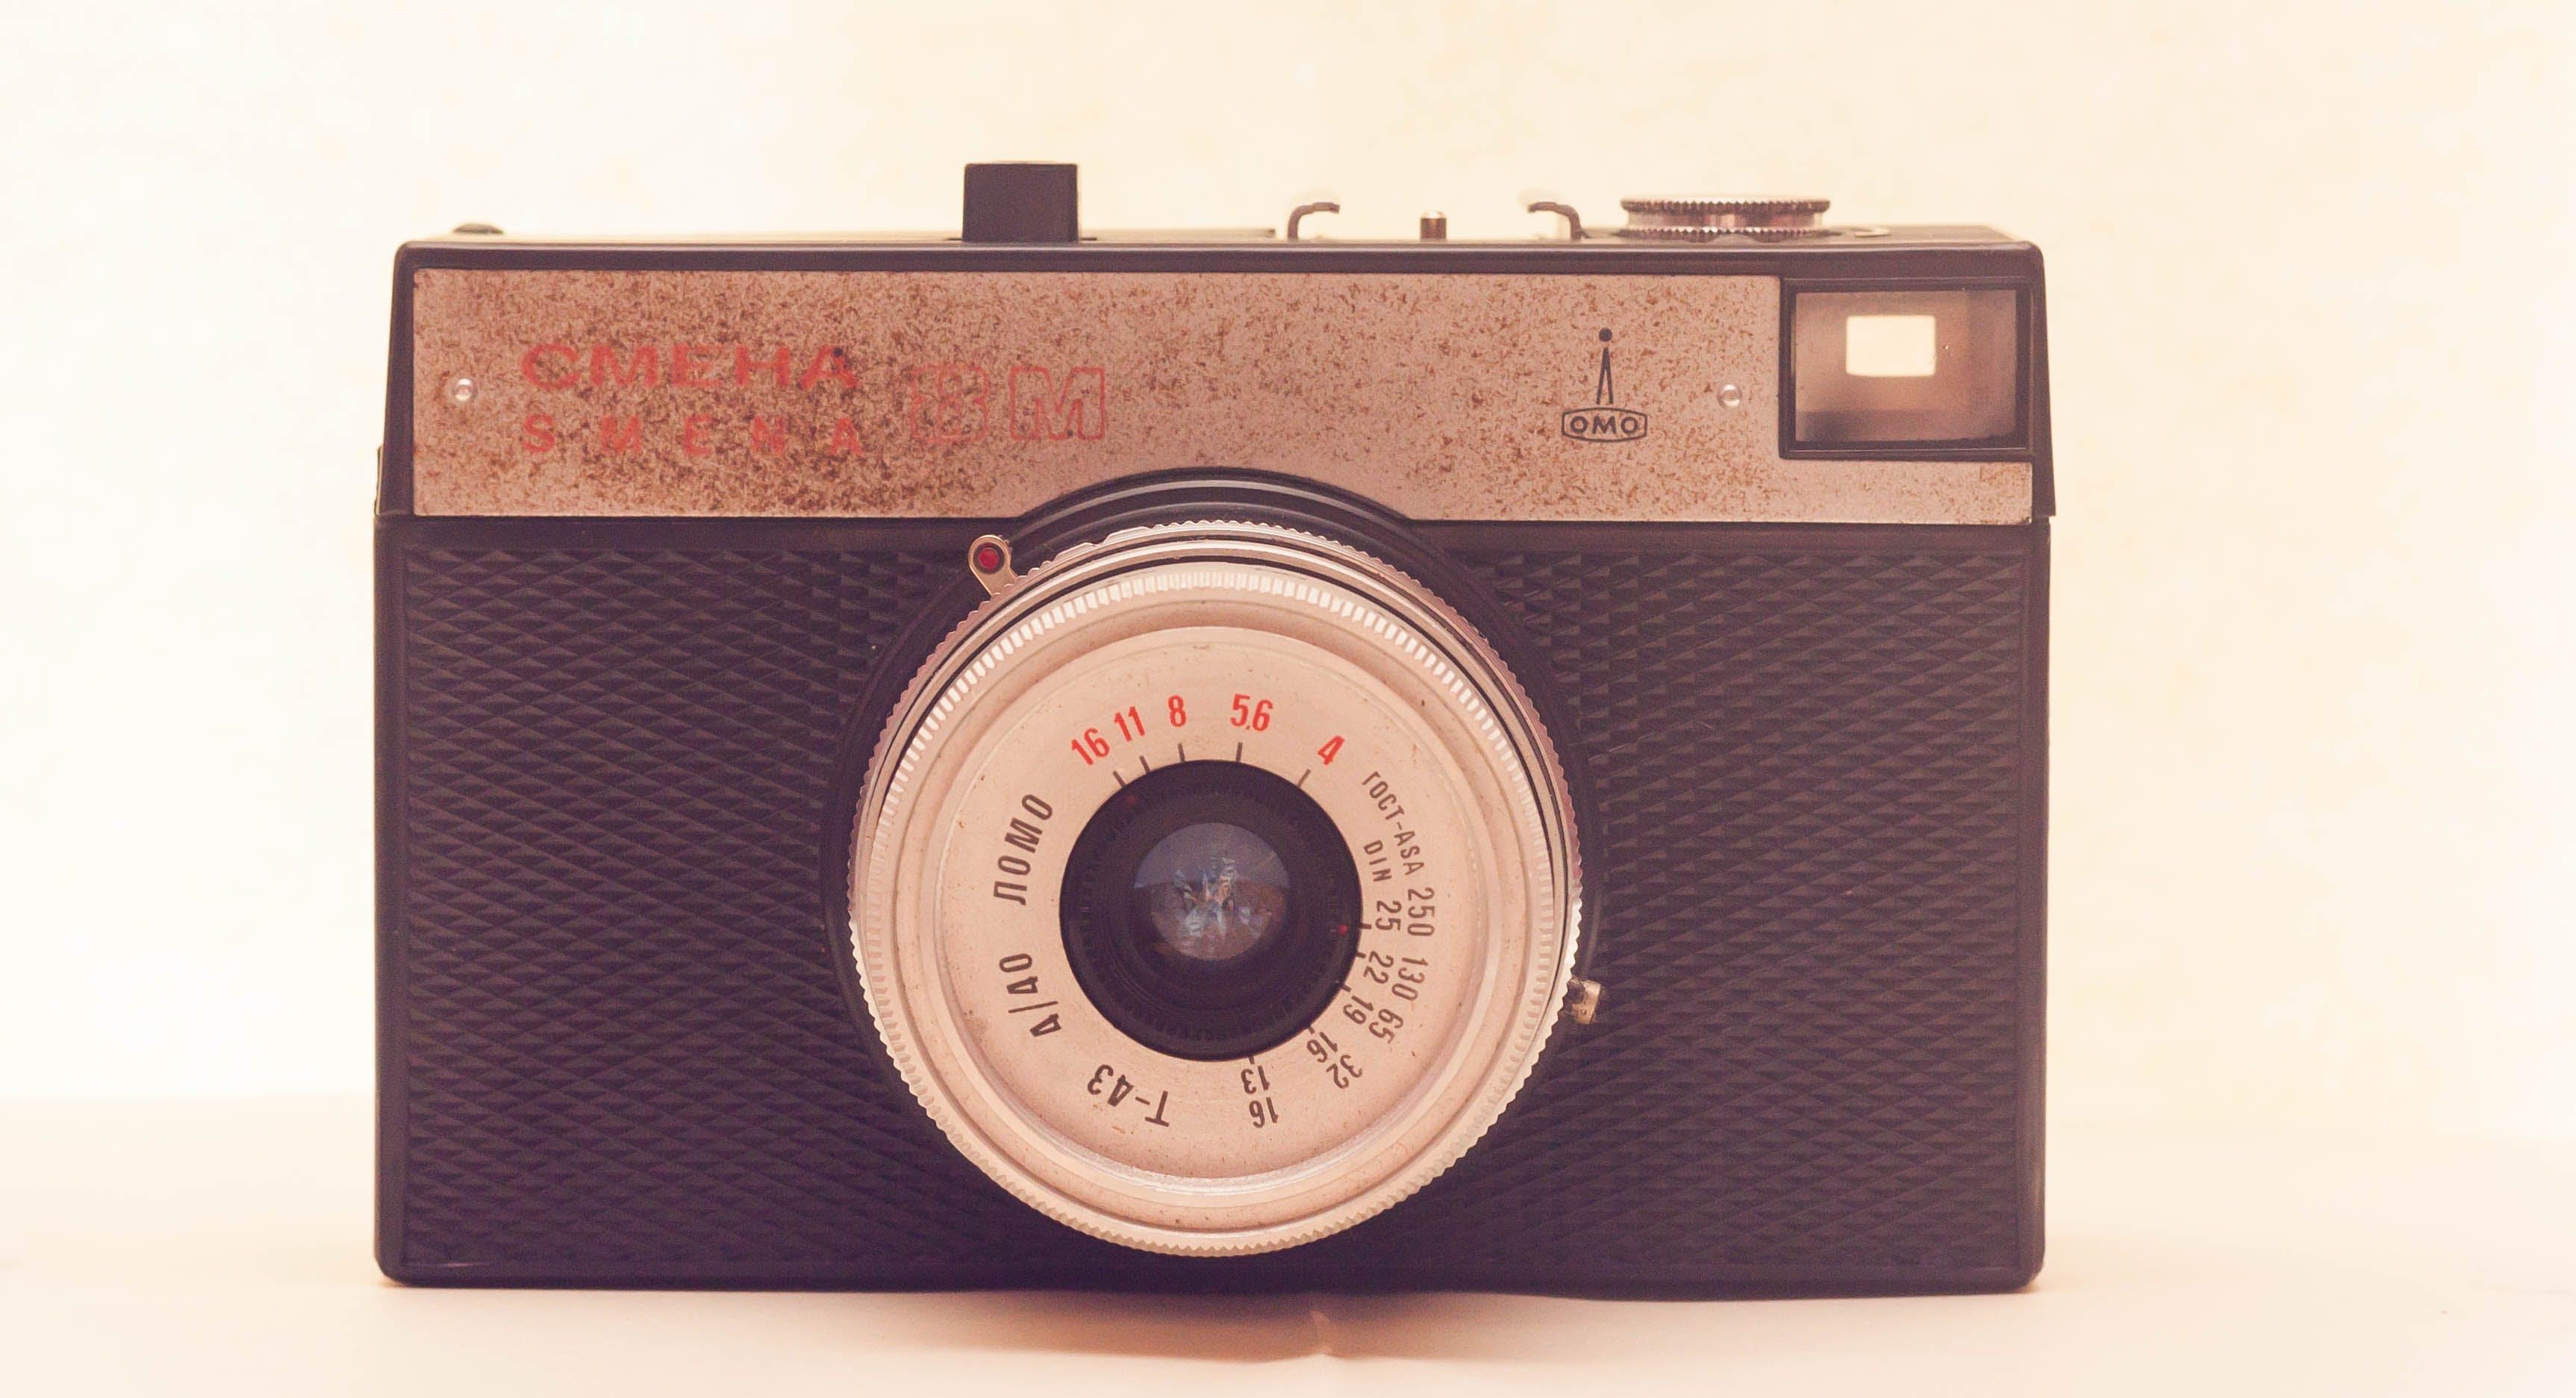 懷舊的, 攝影, 模擬相機, 產品 的 免費圖庫相片